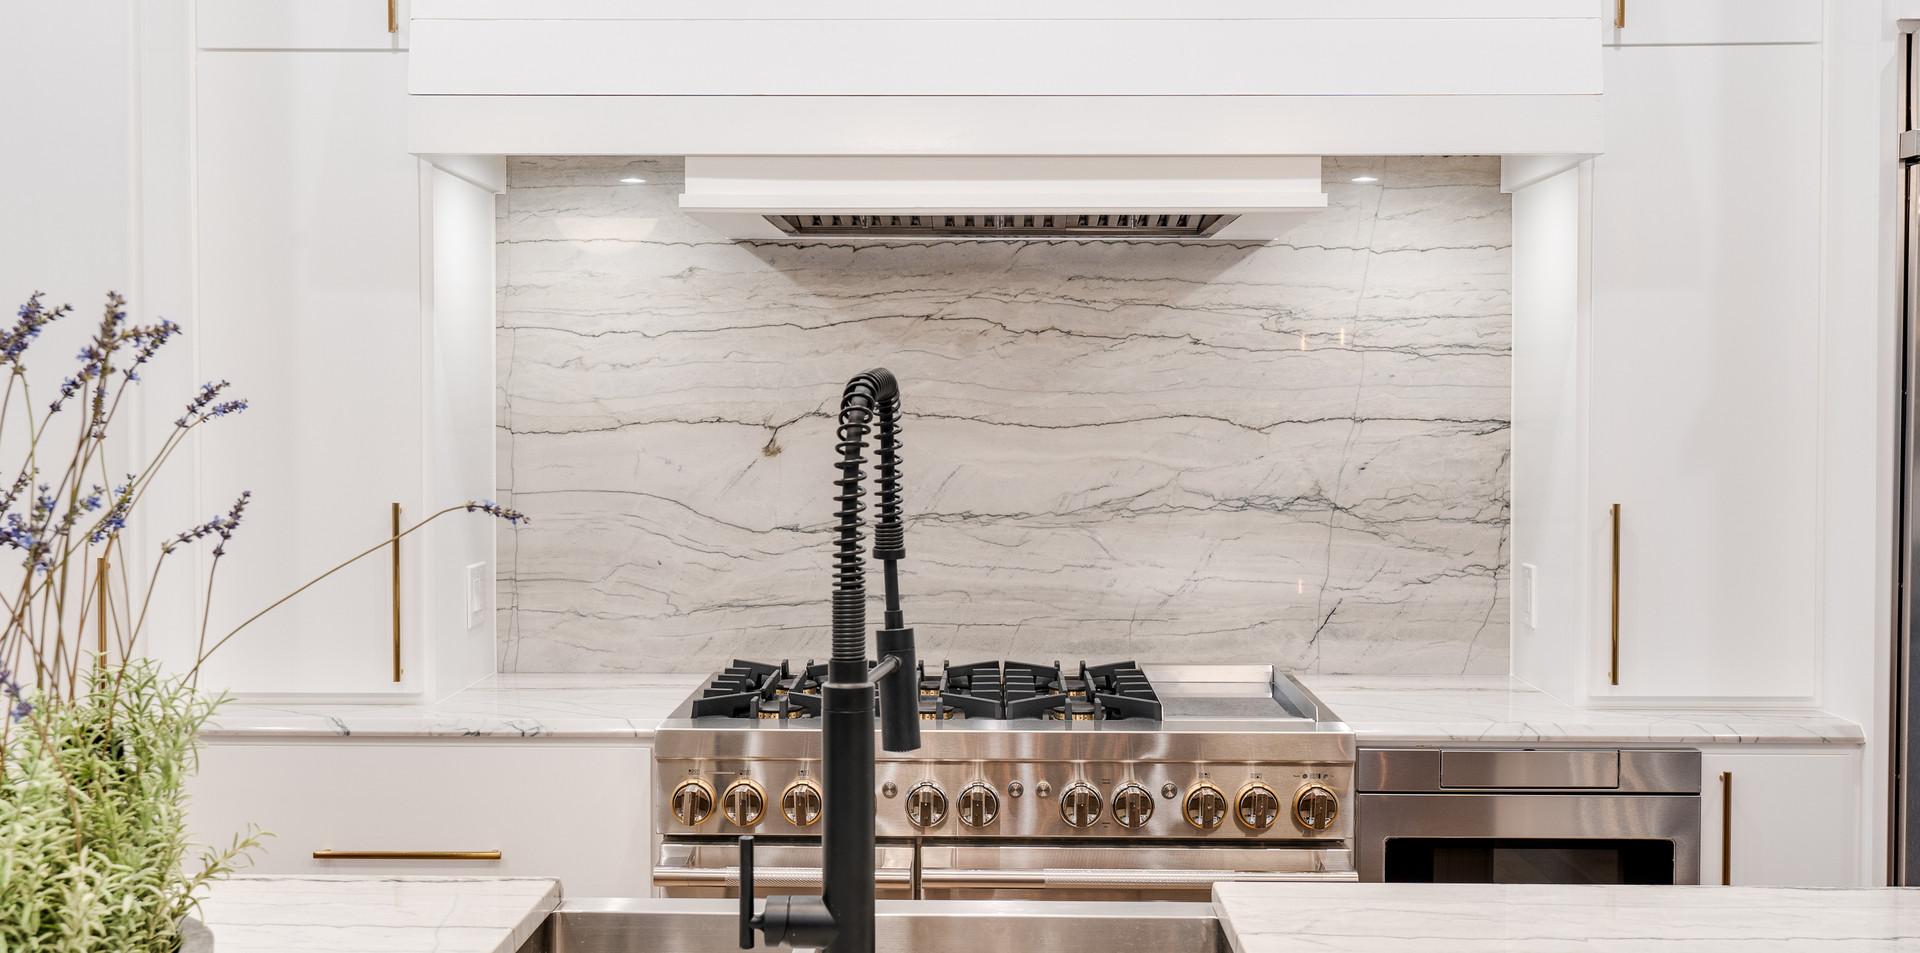 2620 NW Grand Blvd Kitchen Details